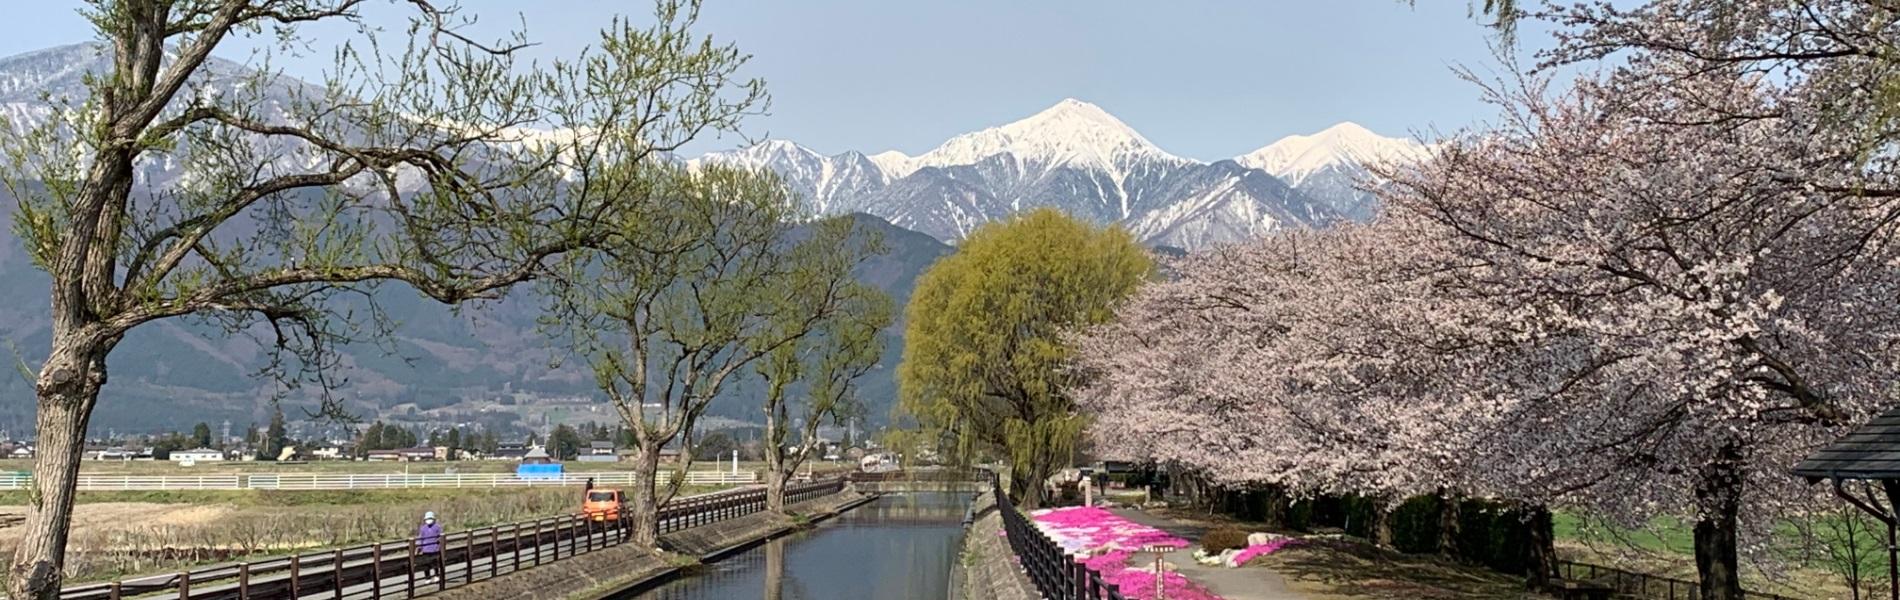 常念岳と桜